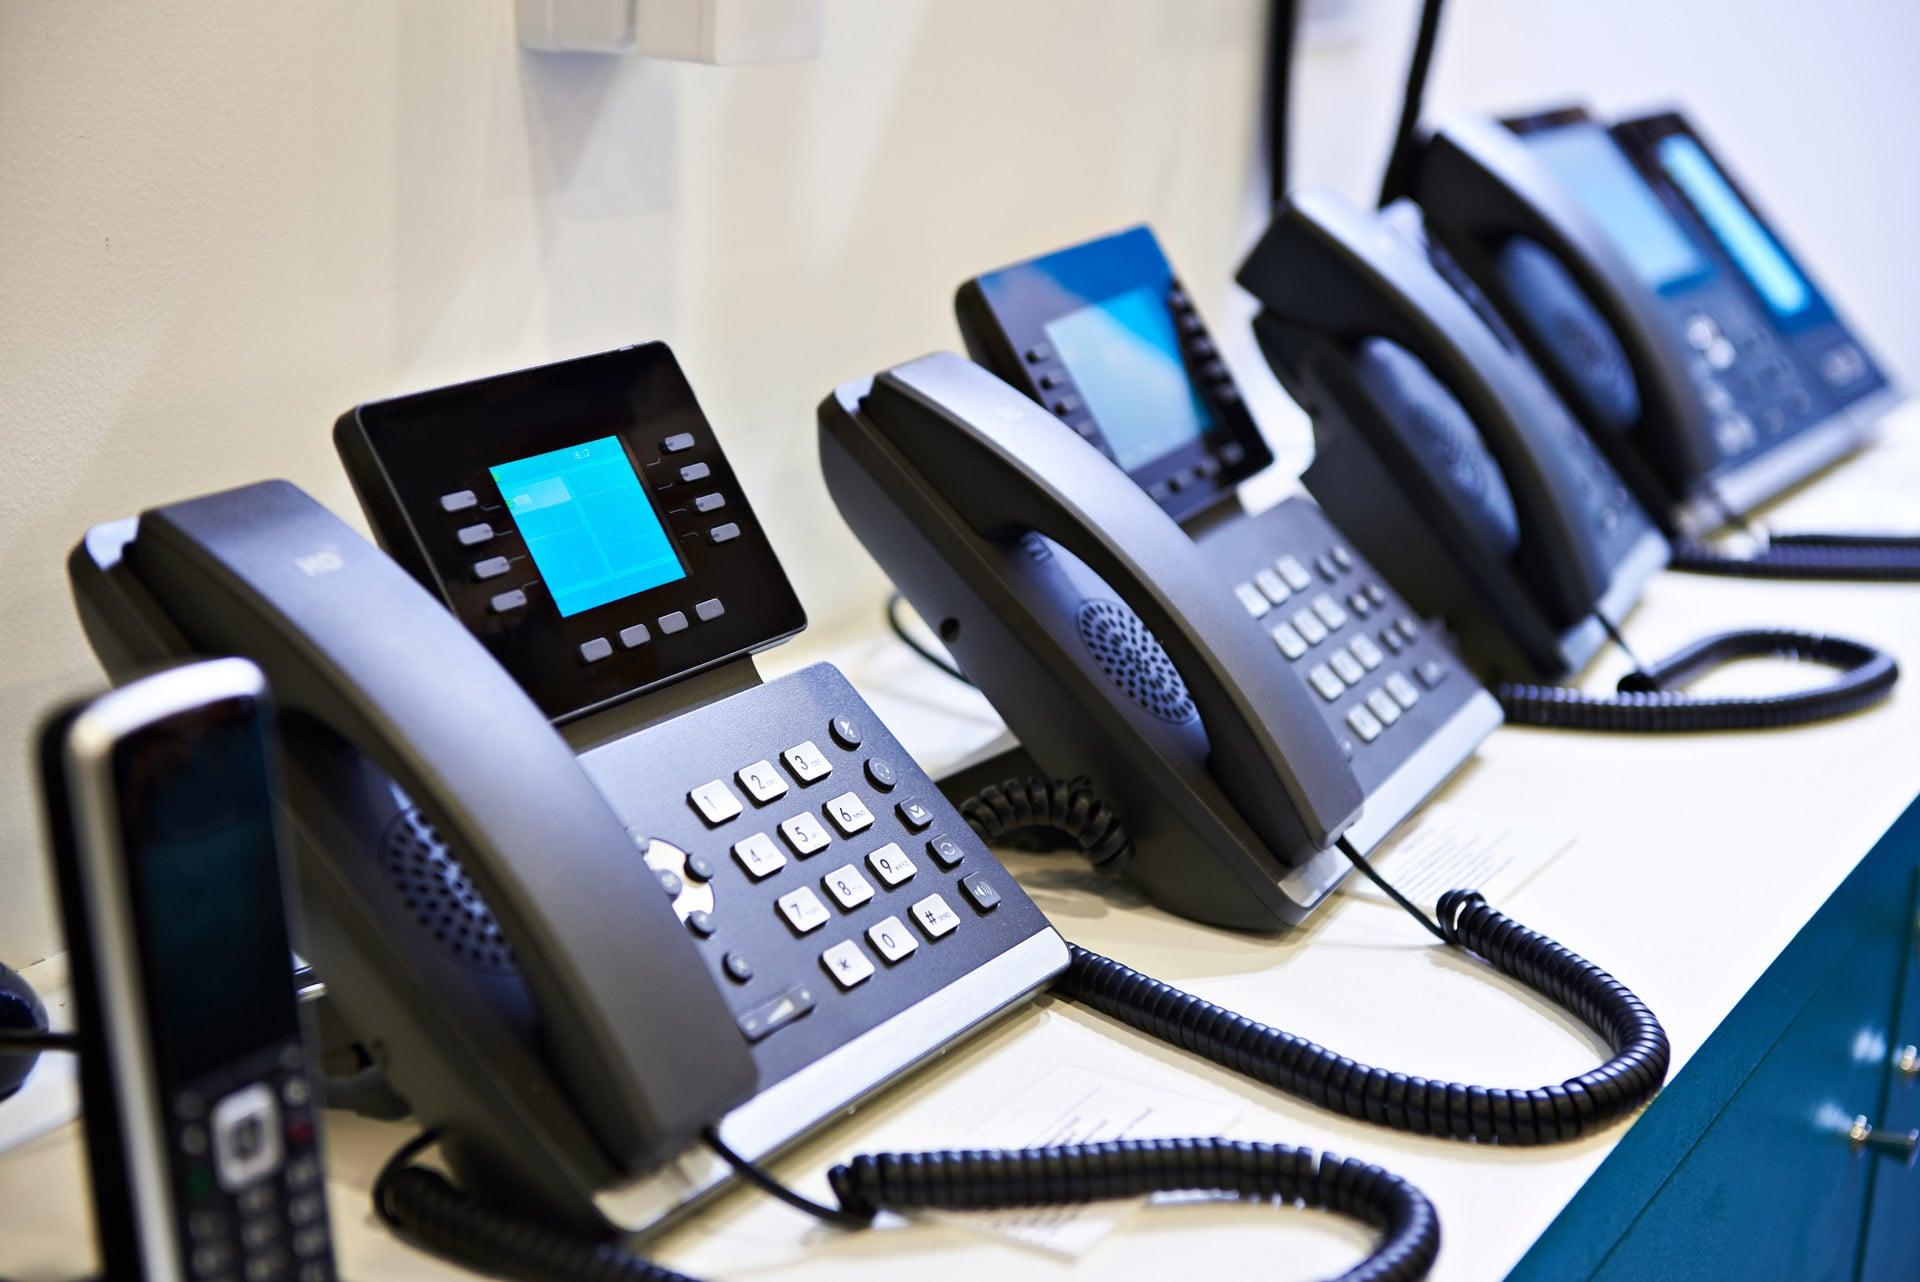 Bedre telefoner til samme pris